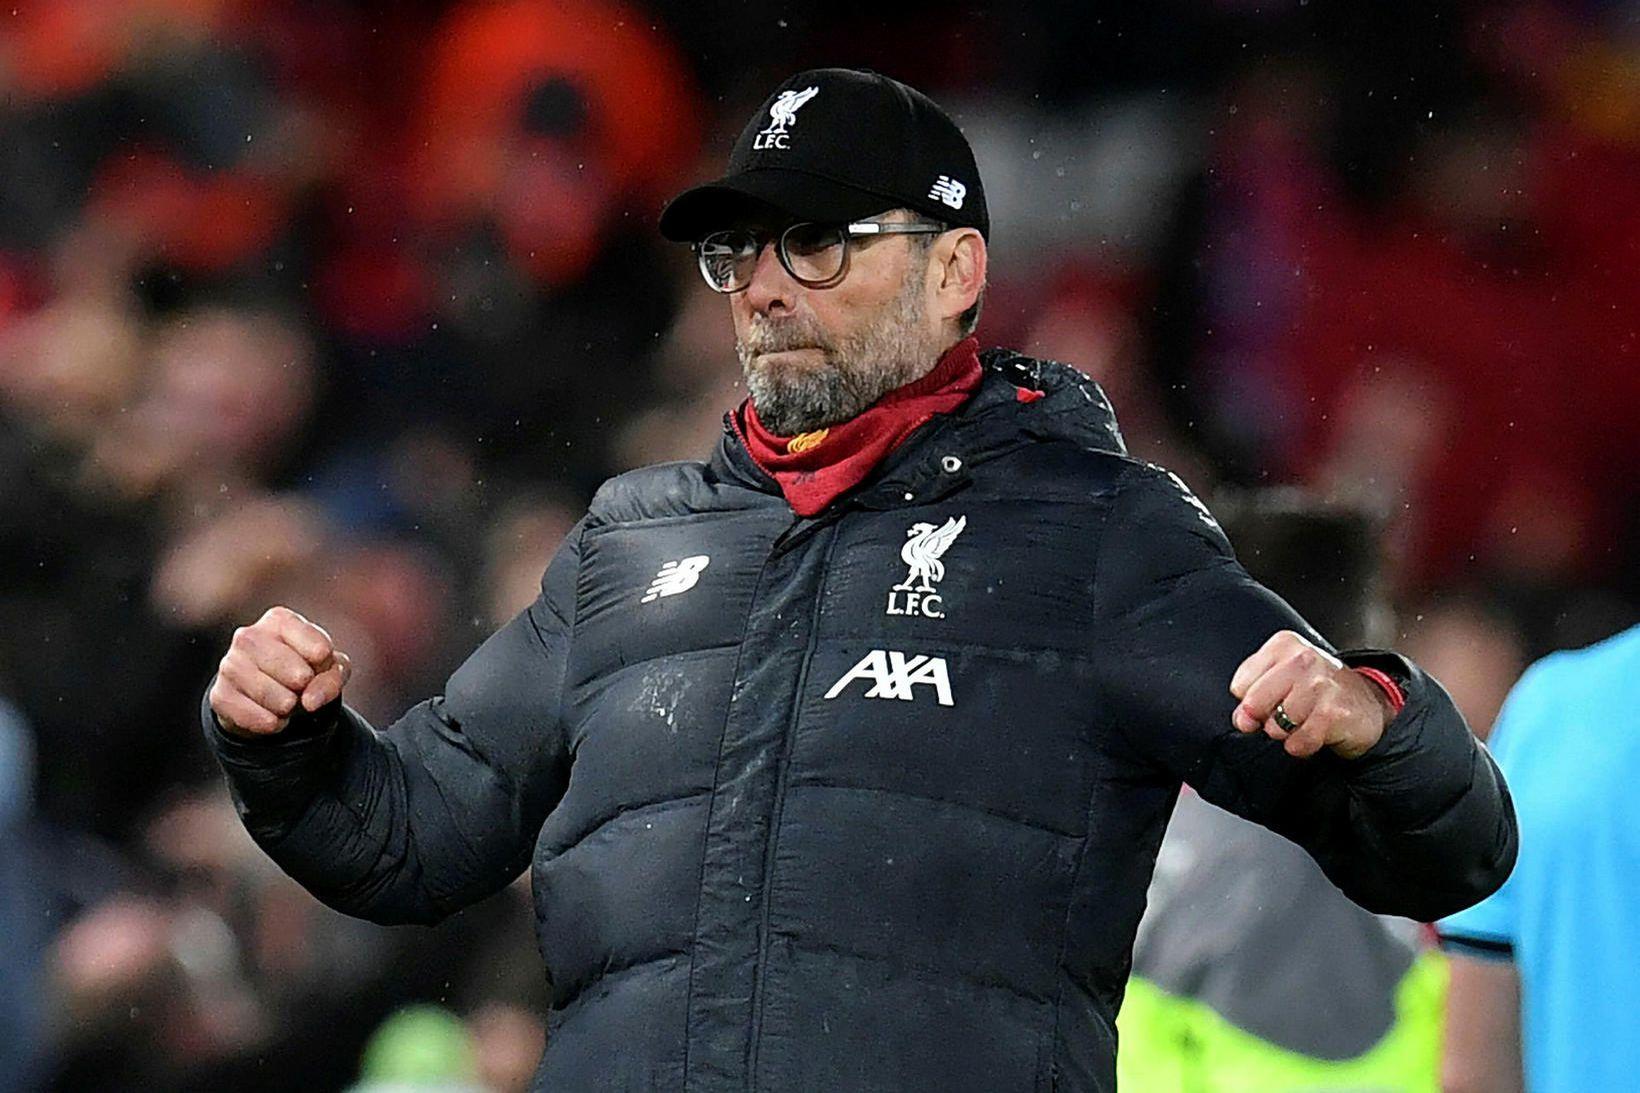 Jürgen Klopp tók við Liverpool í október 2015 og leiðin …